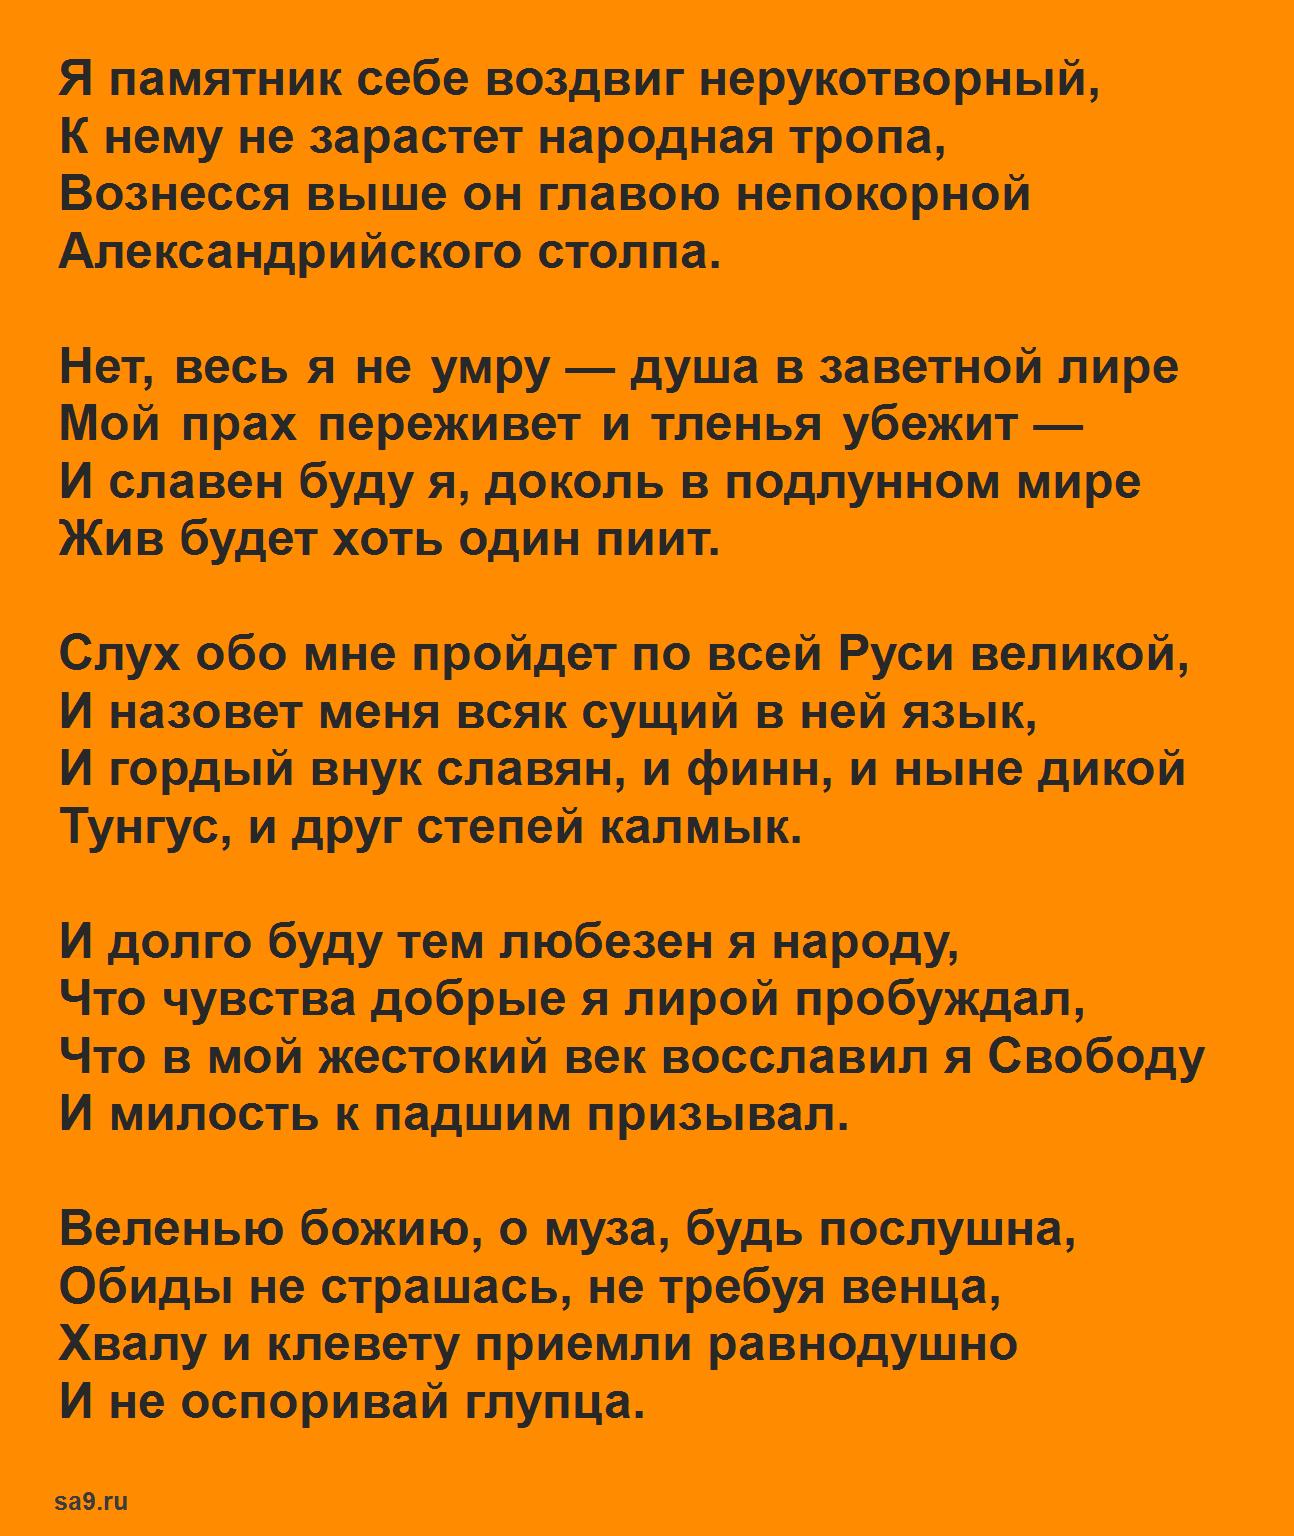 Александр Пушкин стихи для детей 4 класса - Я памятник себе воздвиг нерукотворный